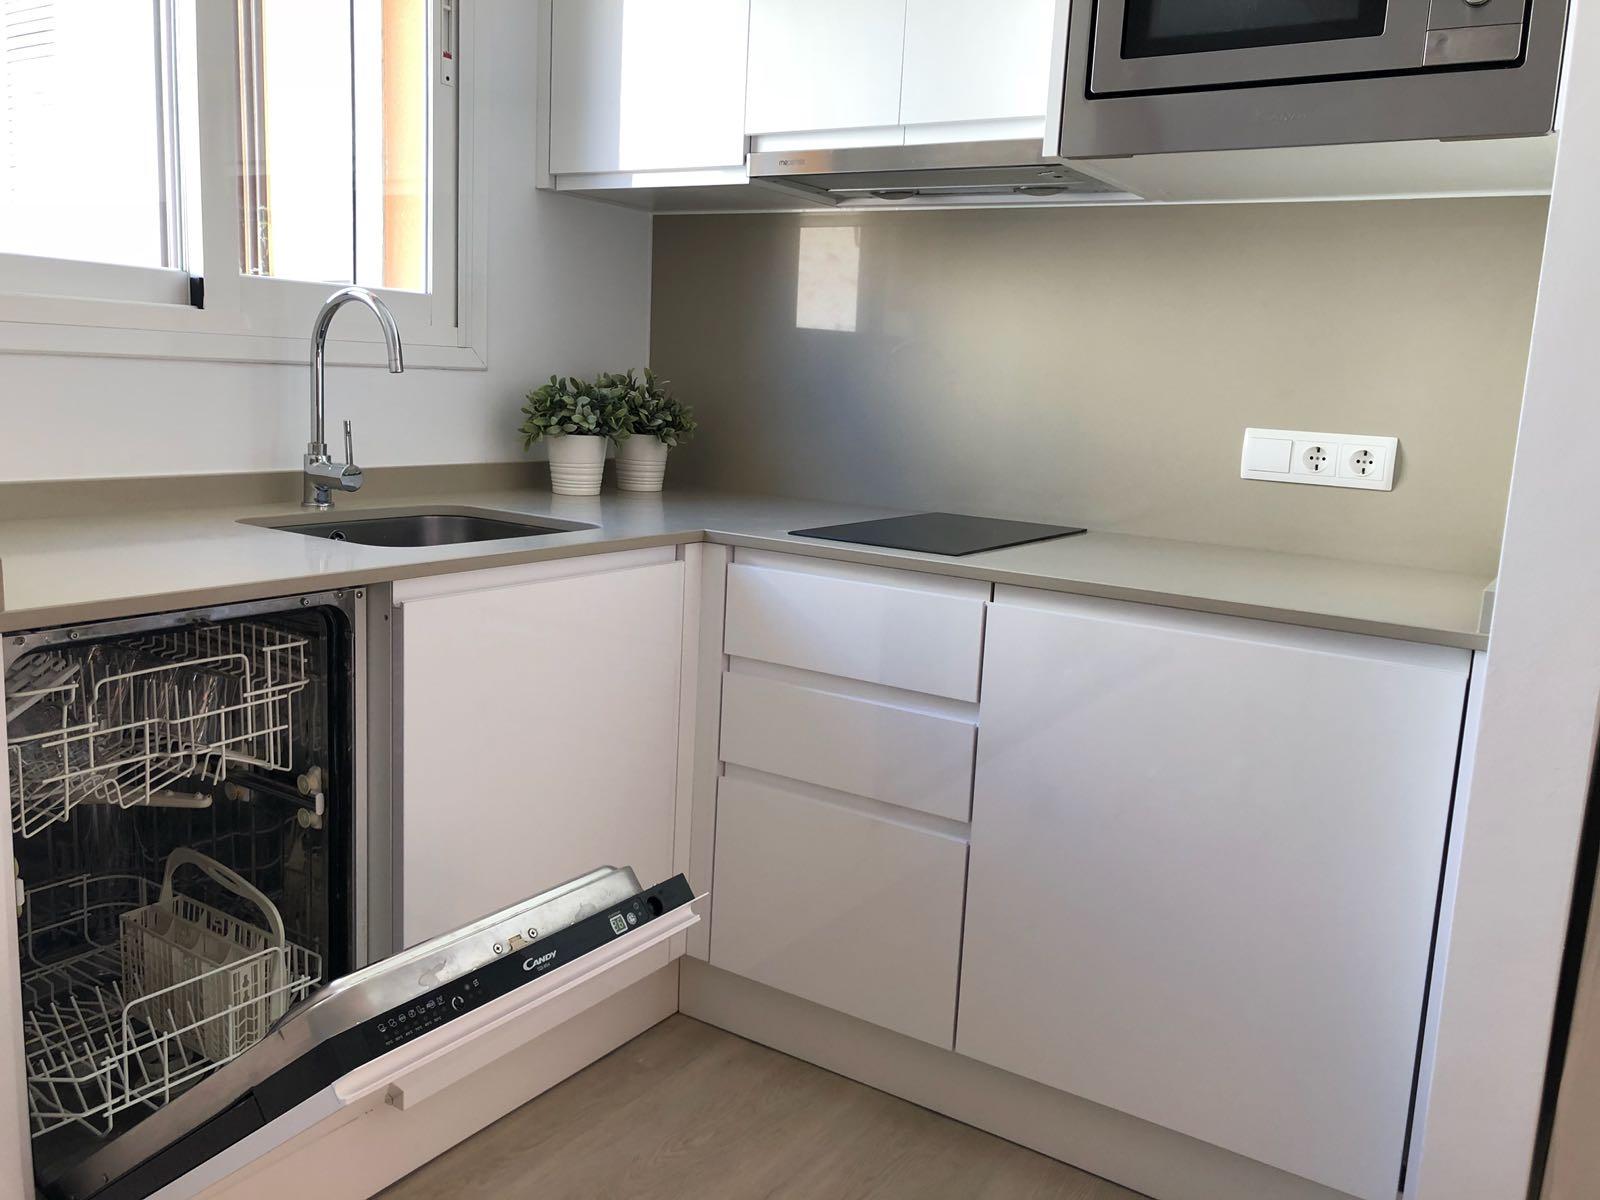 Cocinas-vallori (15)